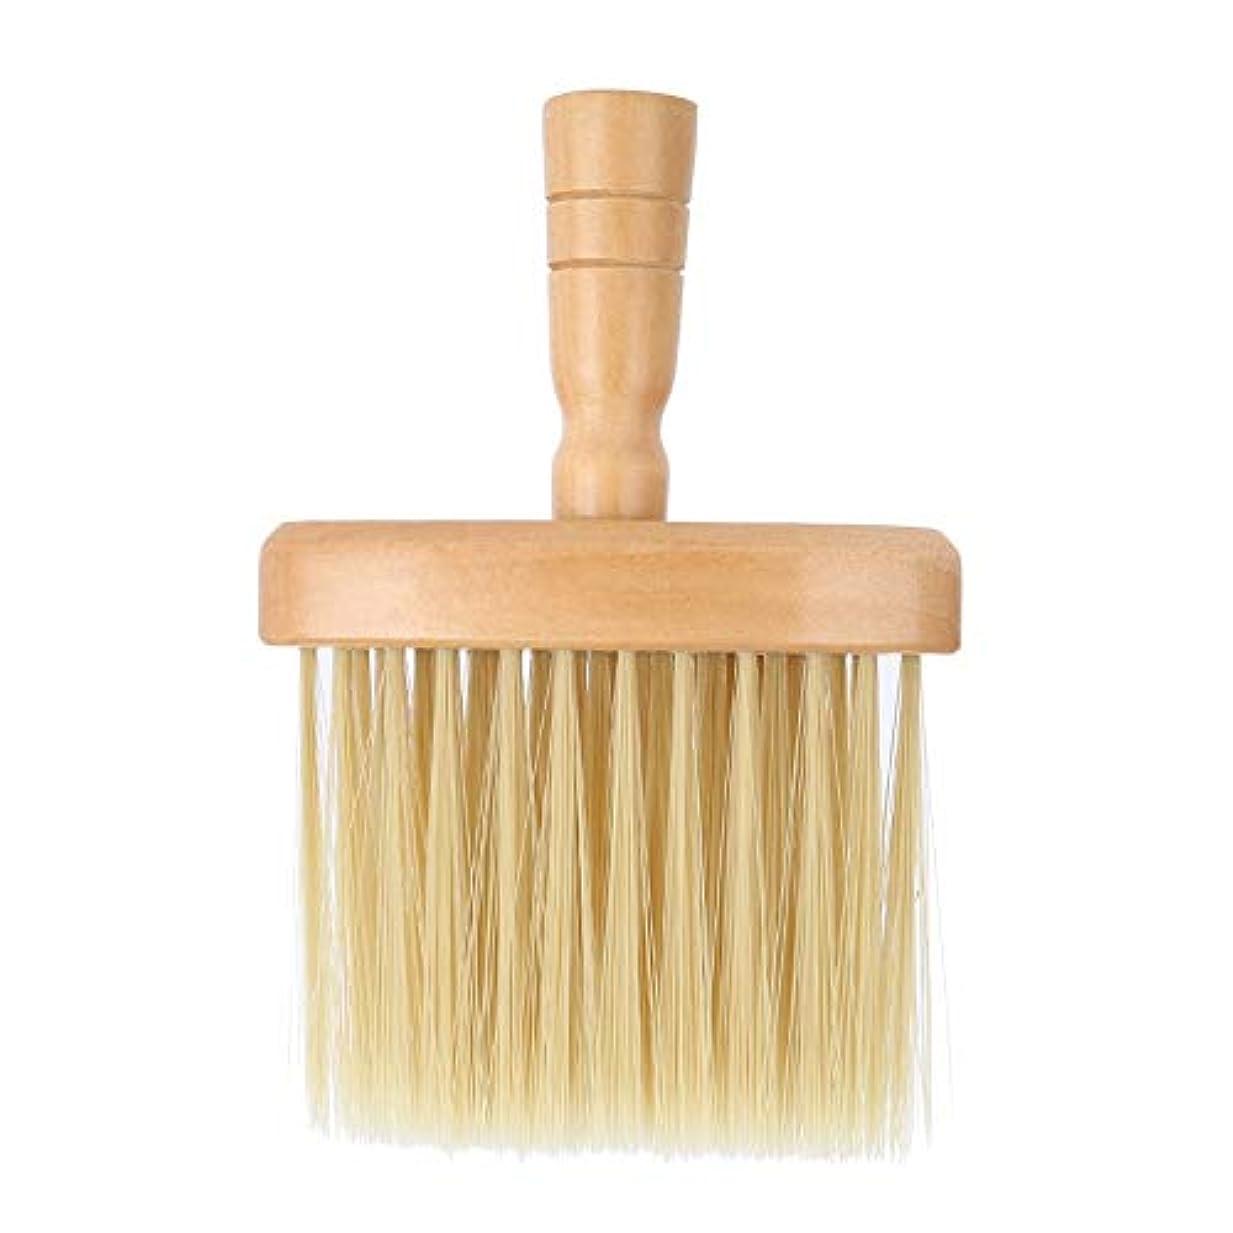 ディスパッチ暴君コーヒーヘアカットブラシネックフェイスダスターブラシサロンヘアクリーニング木製掃除ブラシヘアカット理髪ツール